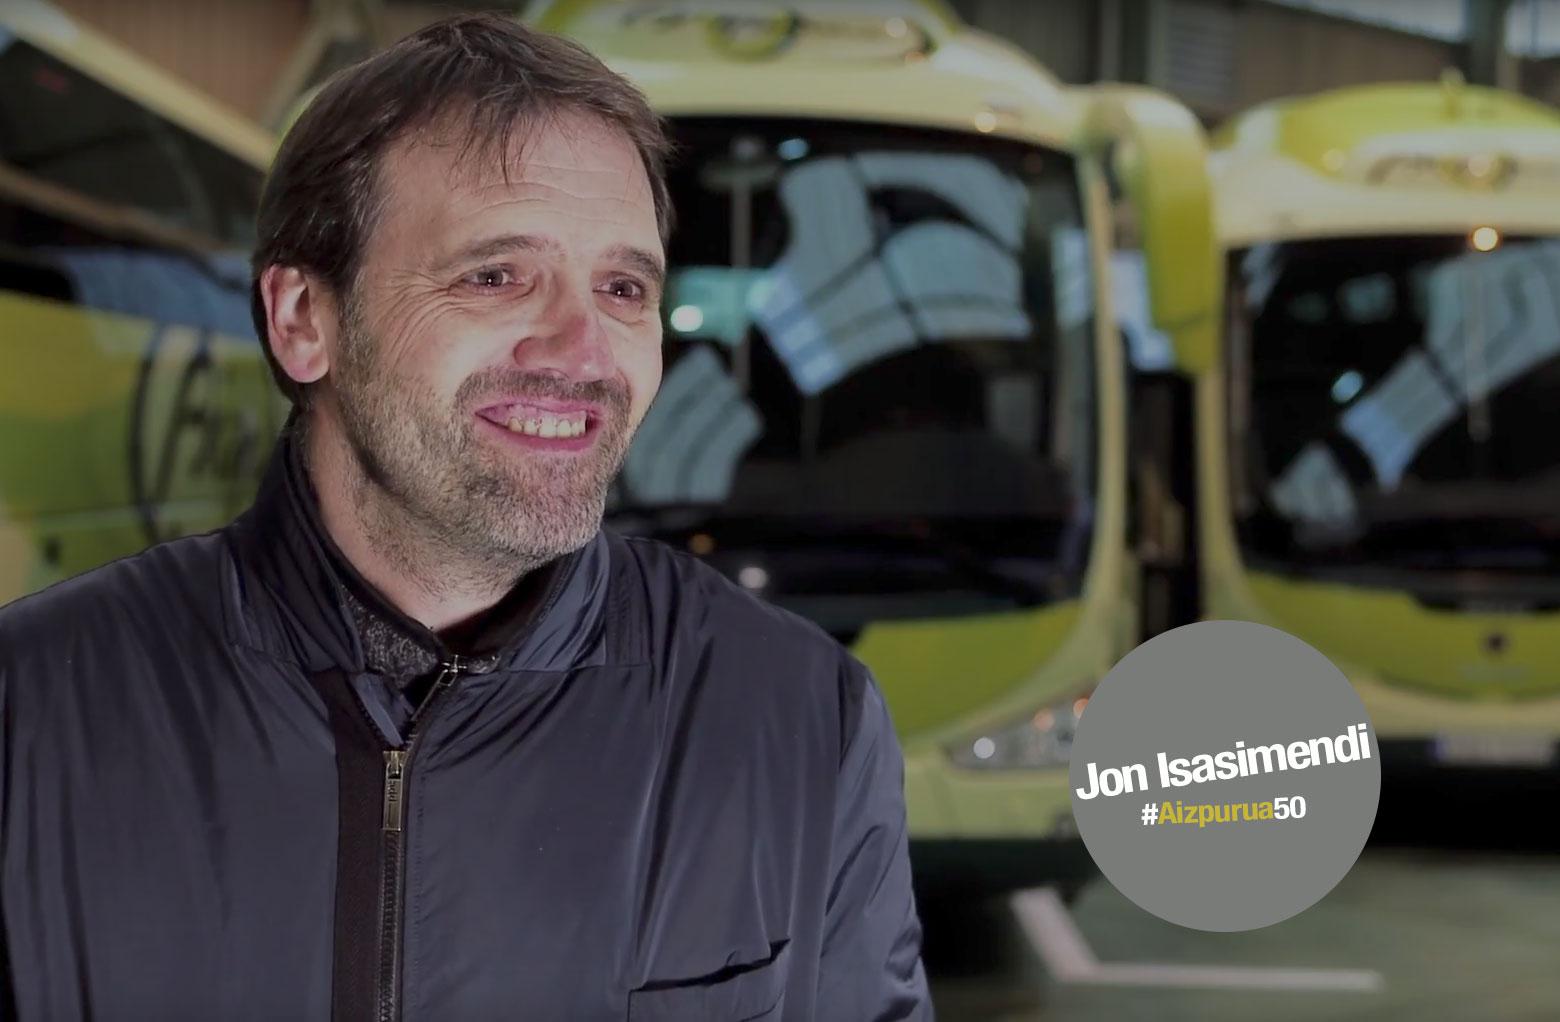 Jon Isasisasmendi, #5OAños con Autobuses Aizpurua